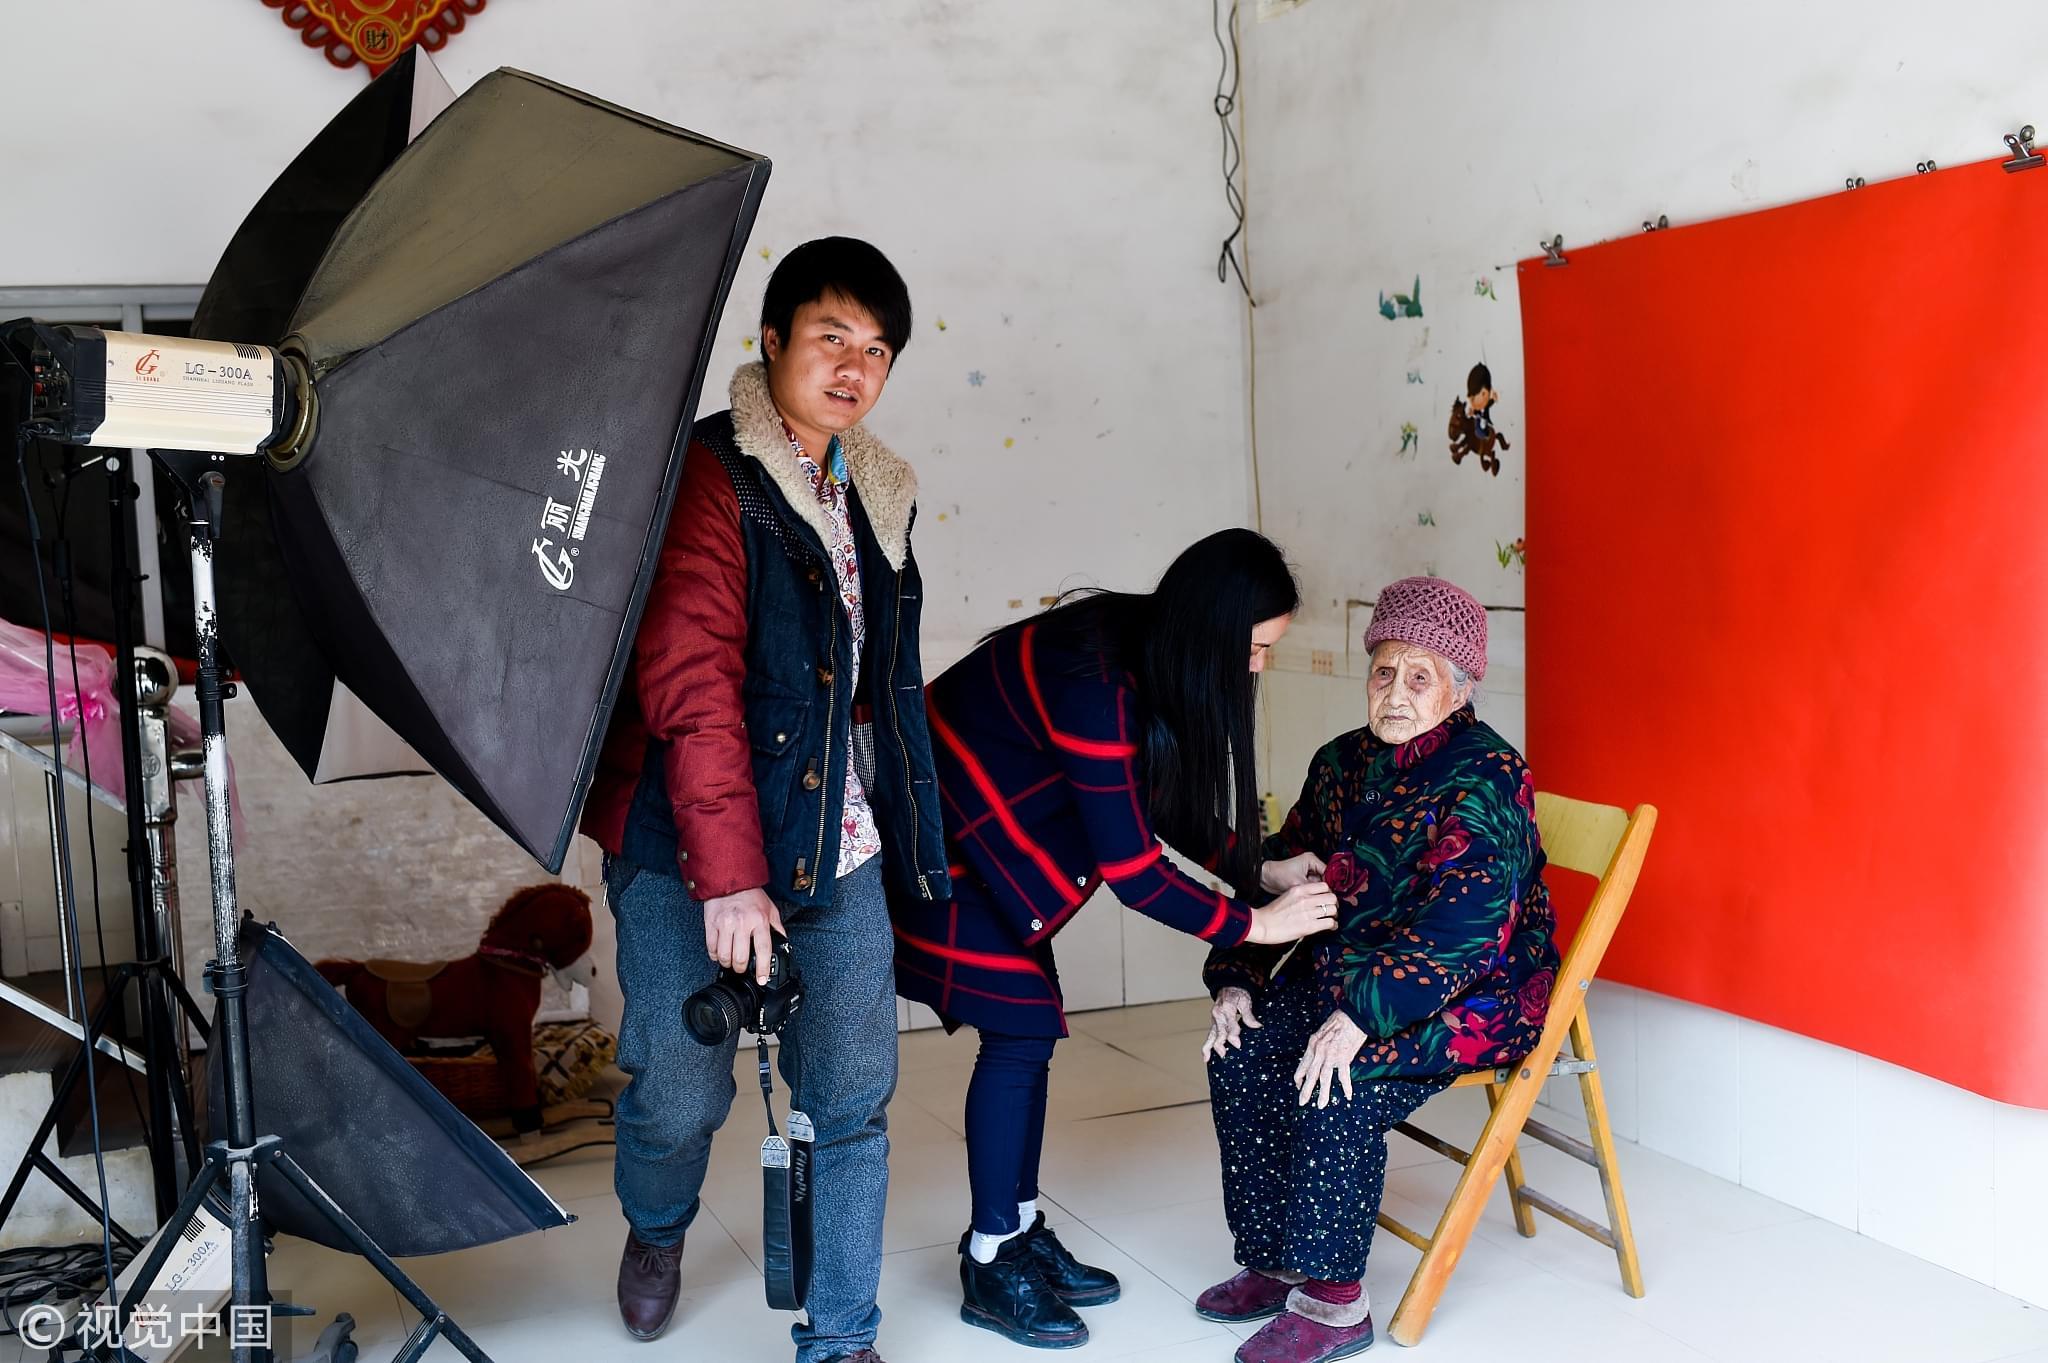 中国人的证件照,为什么丑到让人想哭